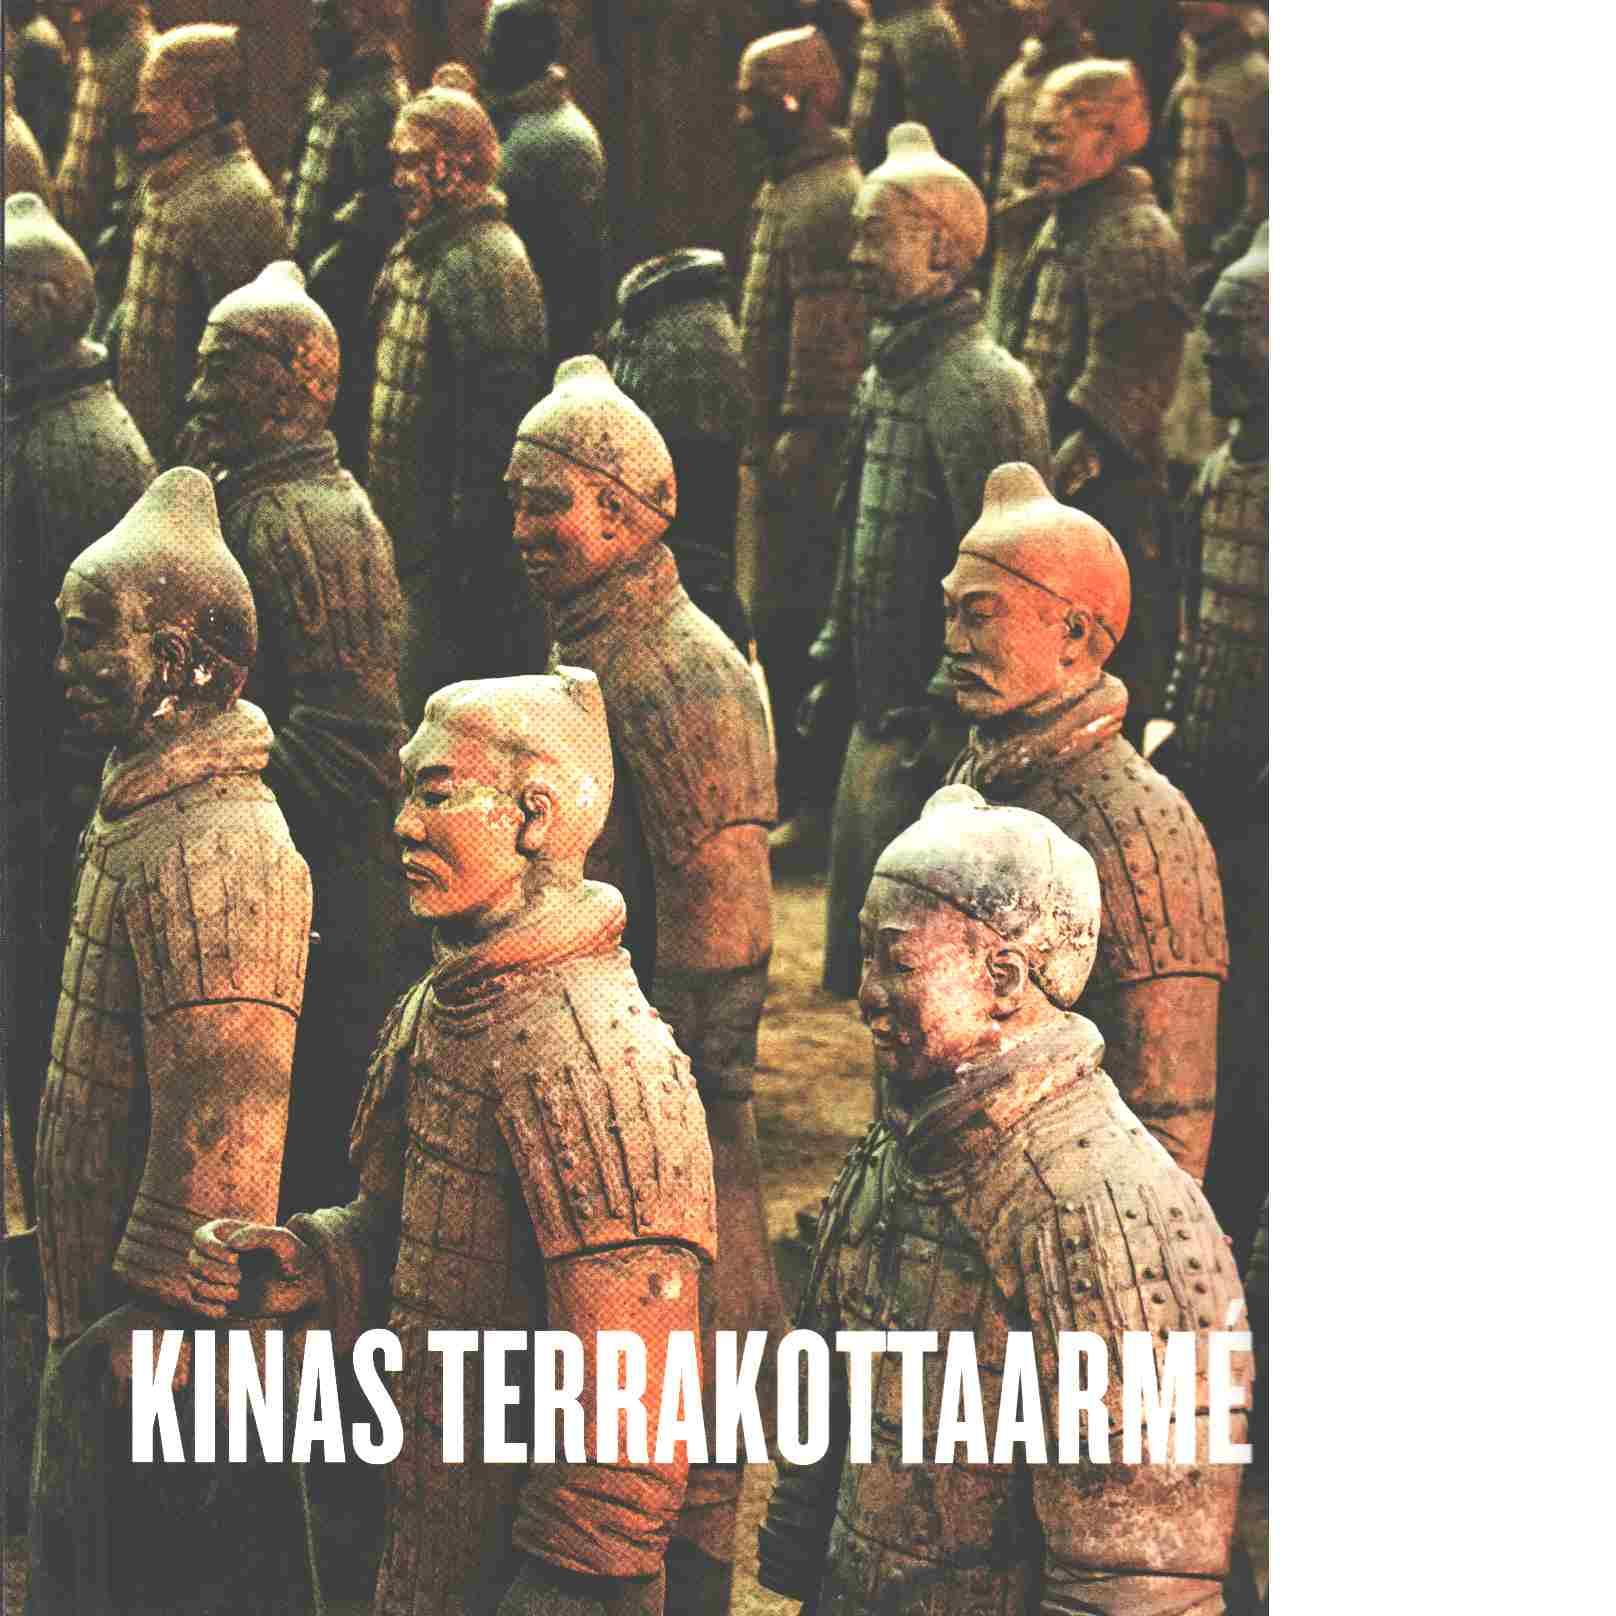 Kinas terrakottaarmé - Red. Göransson, Kristian och Rawson, Jessica